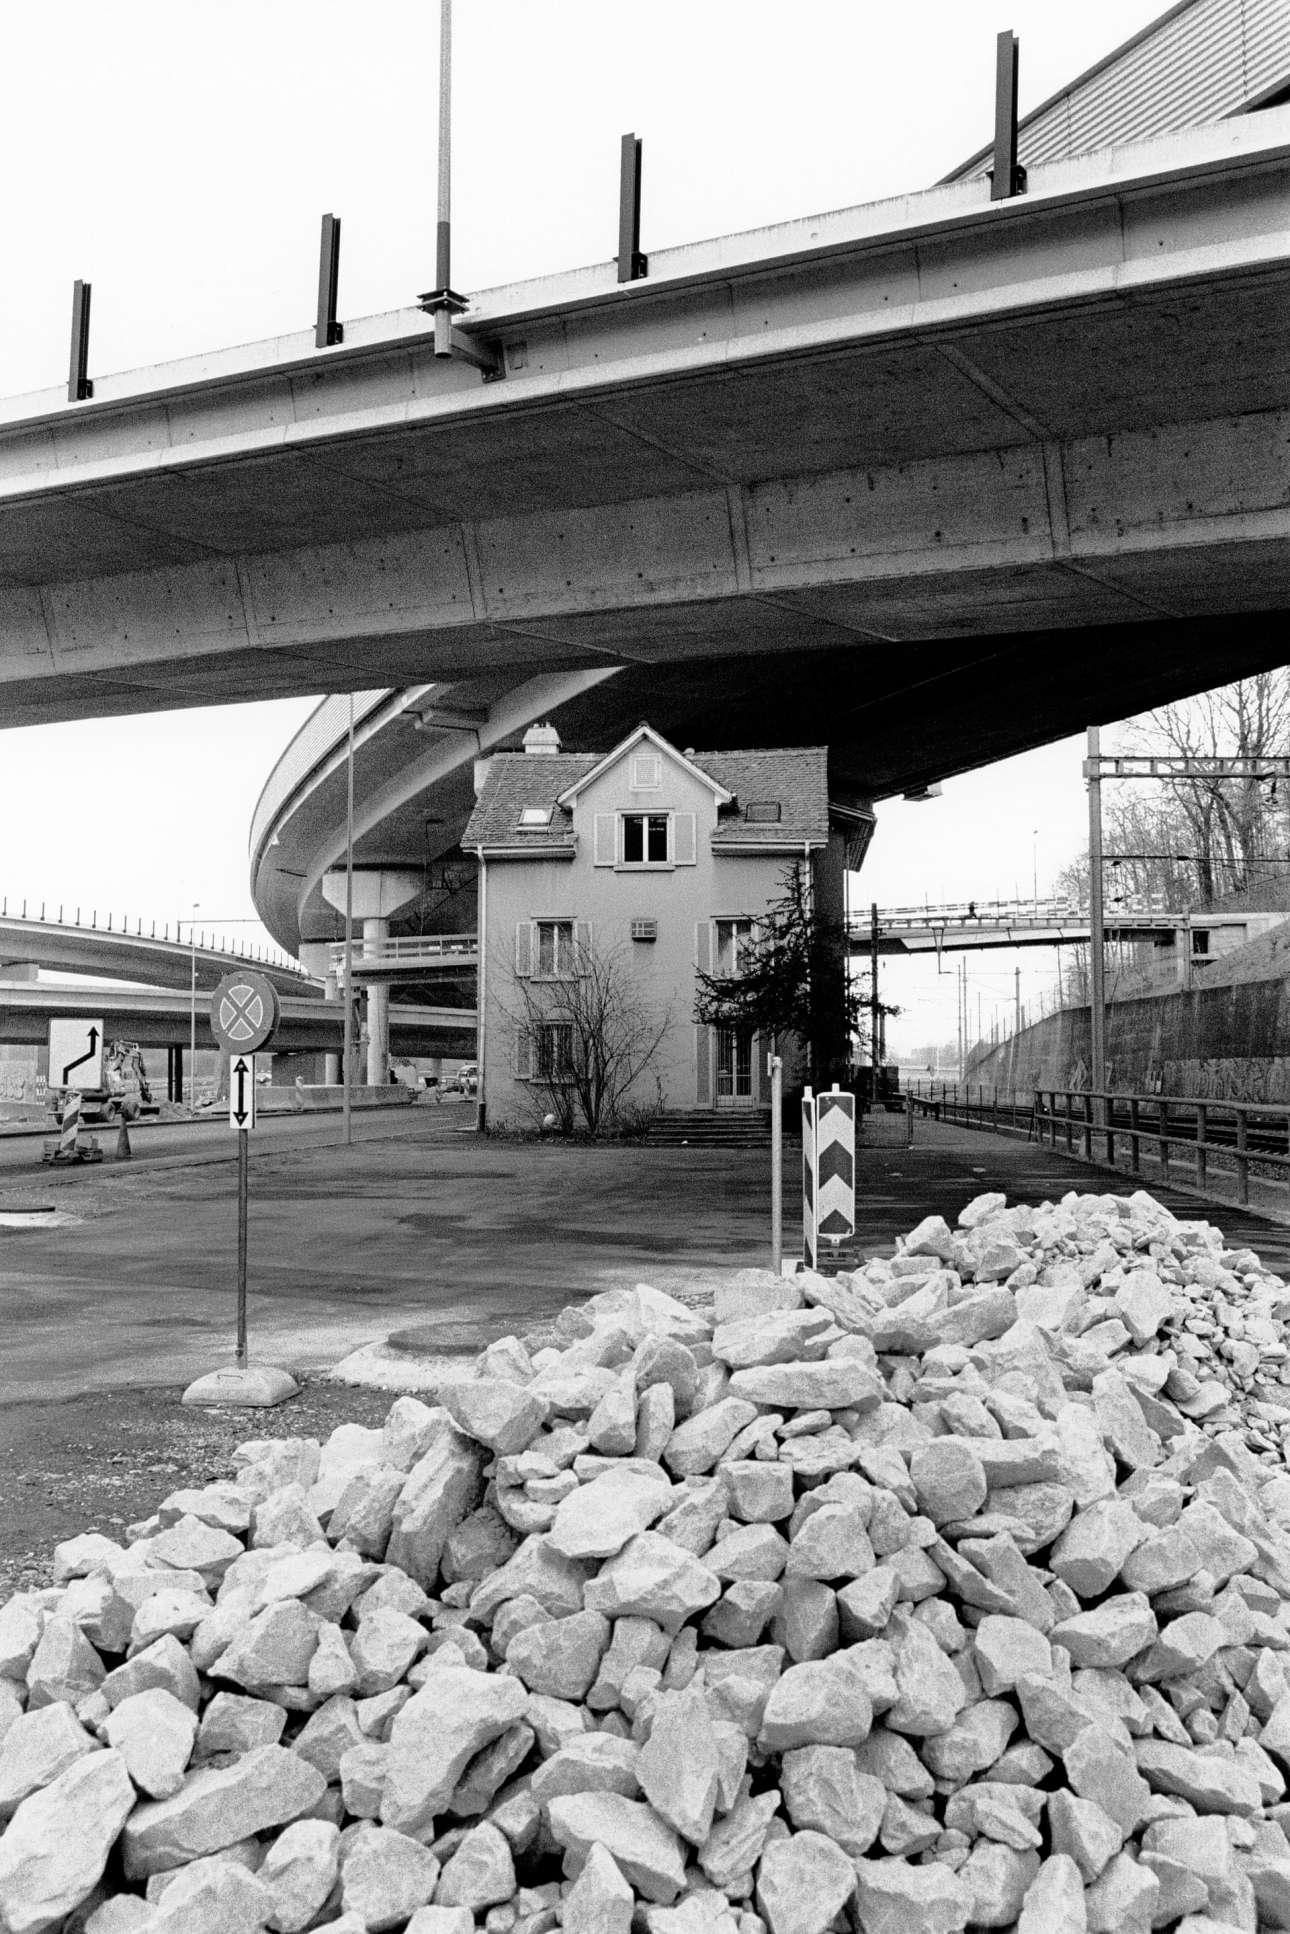 Ενα παλιό σπίτι στέκεται στη μέση της κατασκευής ενός νέου αυτοκινητόδρομου